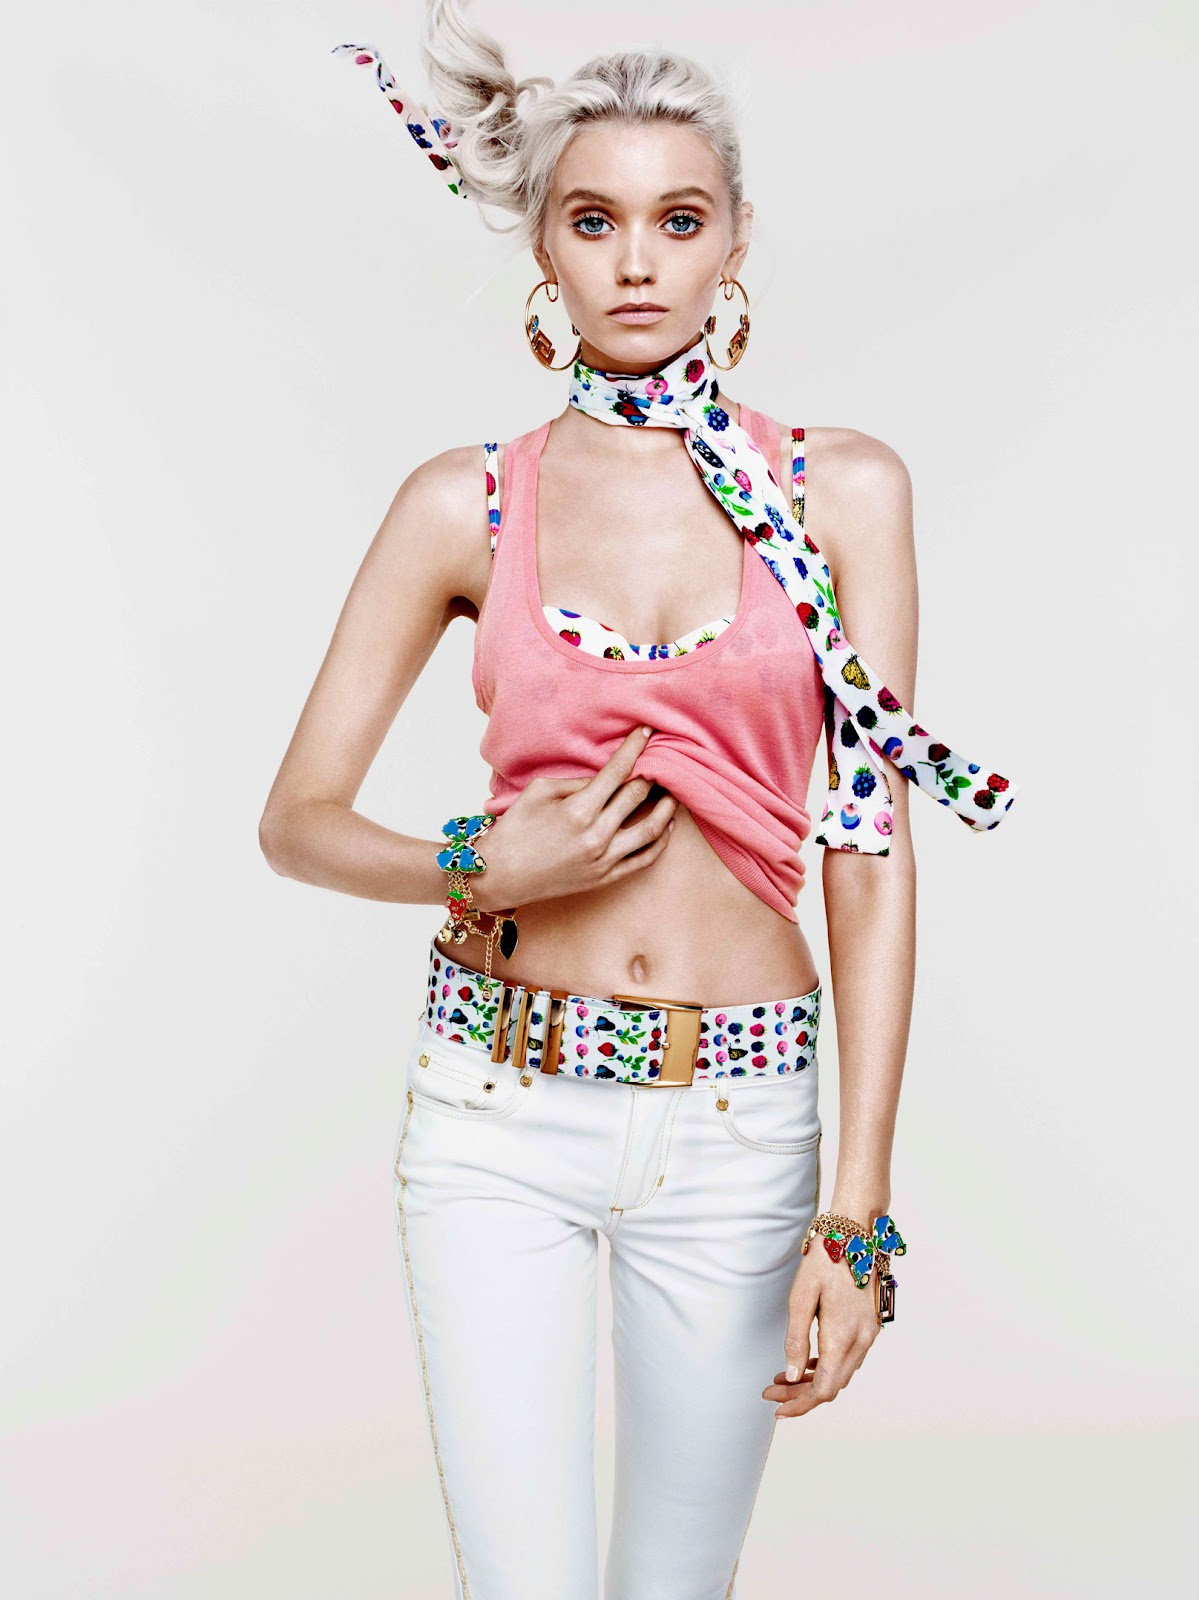 http://3.bp.blogspot.com/-esvJq-Np4xo/T31VQi1ybRI/AAAAAAAAGjw/9qpo-xQU_Jc/s1600/Versace+cruise+5.jpg